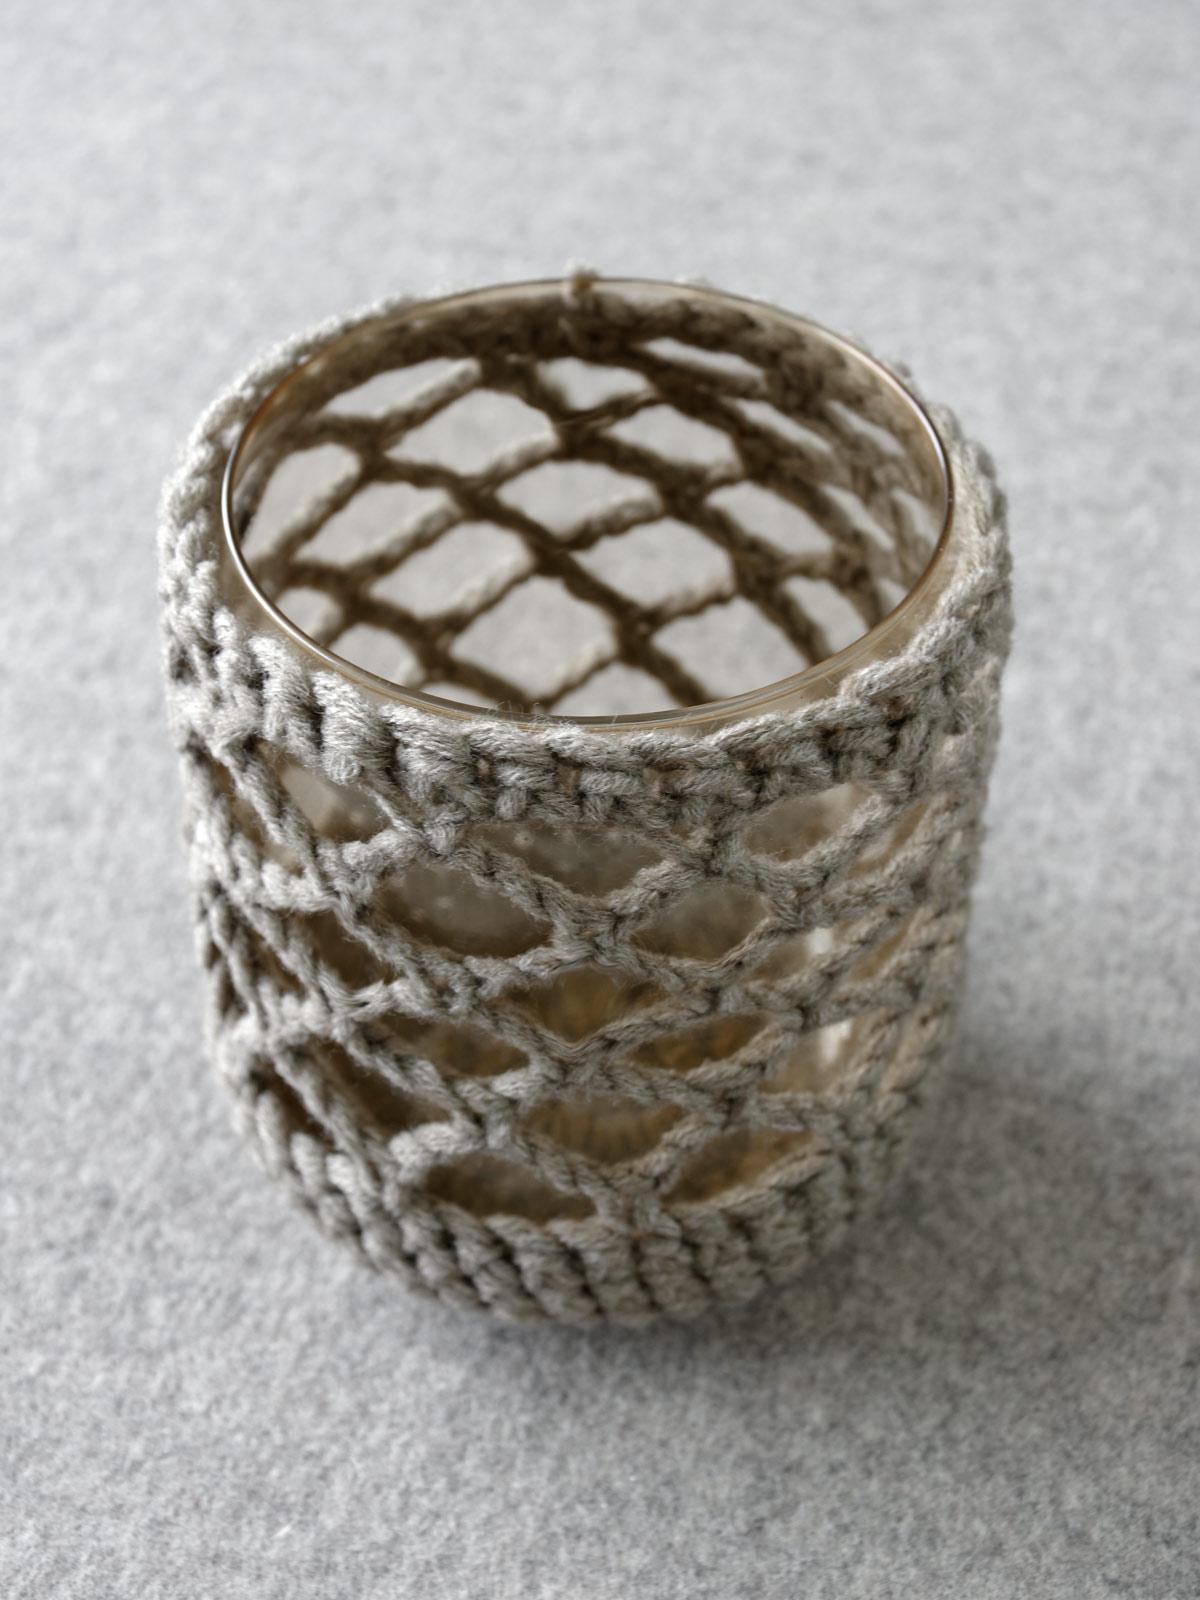 vase-haekeln-making-of-4